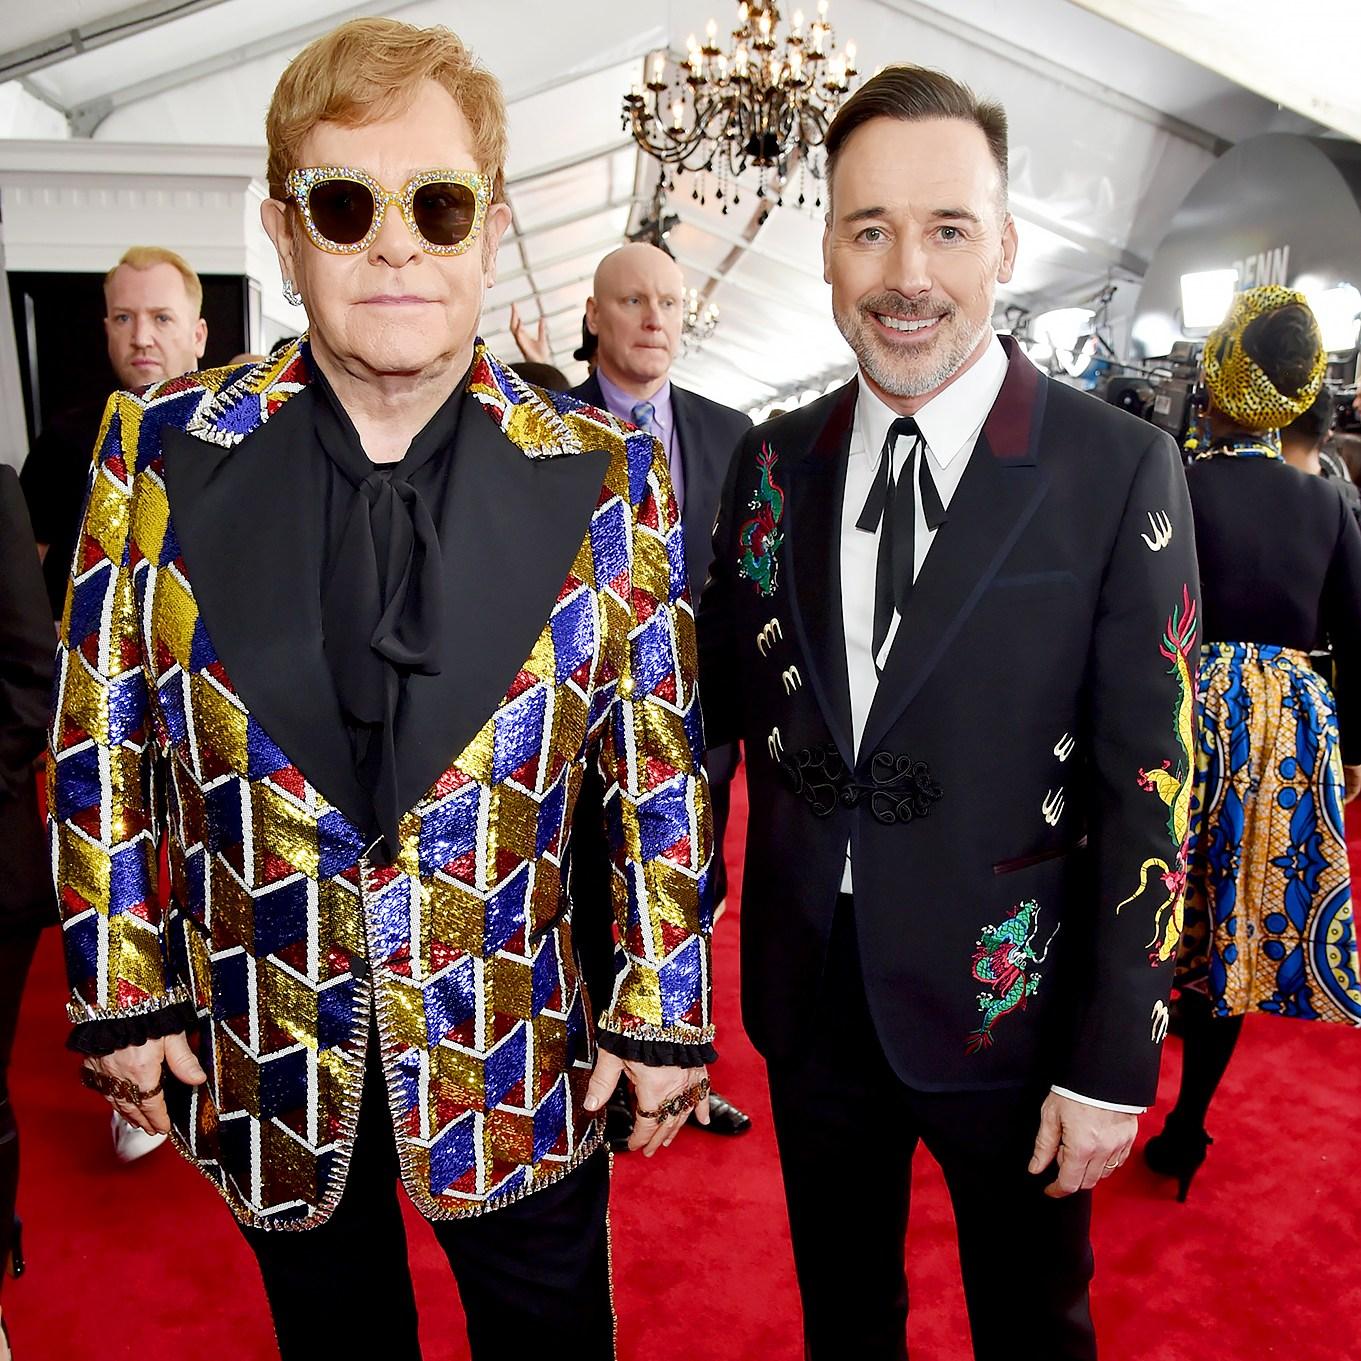 Elton-John-and-David-Furnish-Grammys